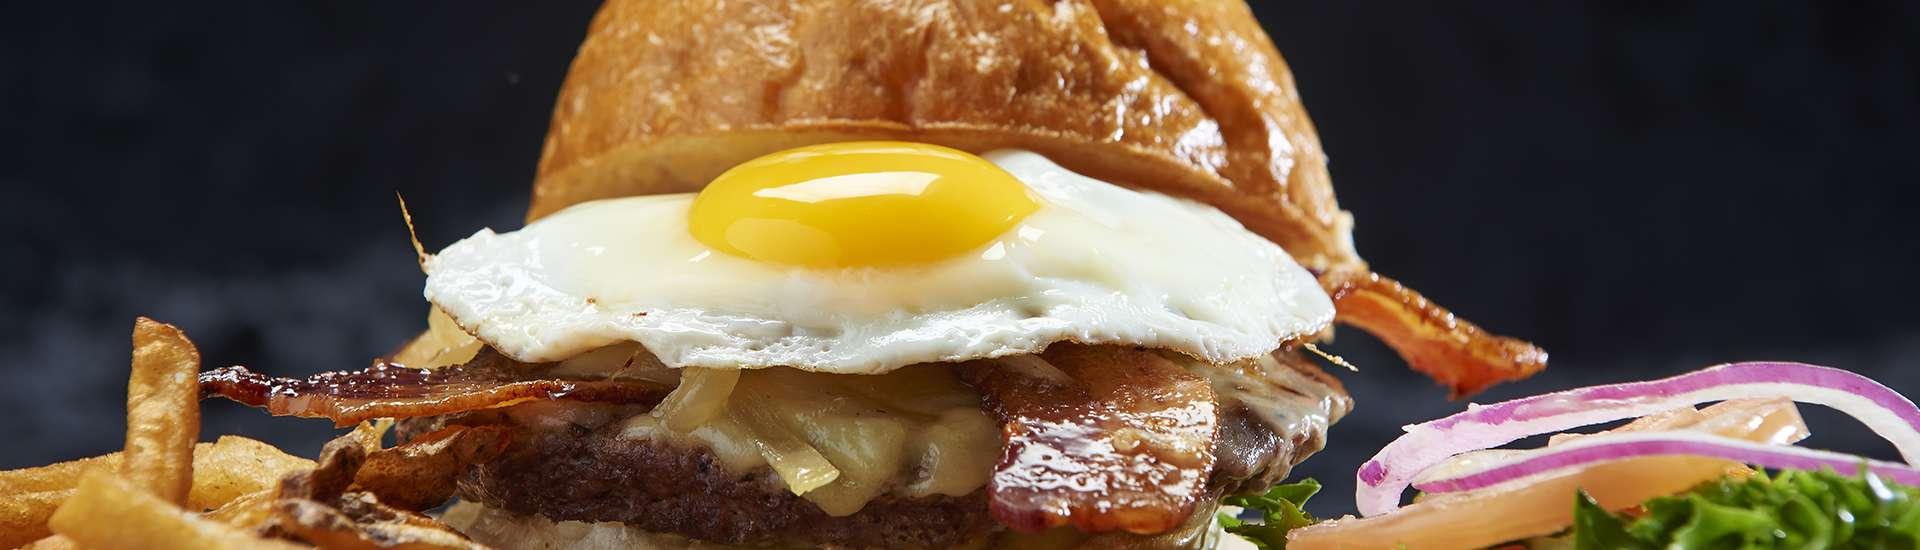 Egg Bacon Hamburger at Whiskers at The Nittany Lion Inn